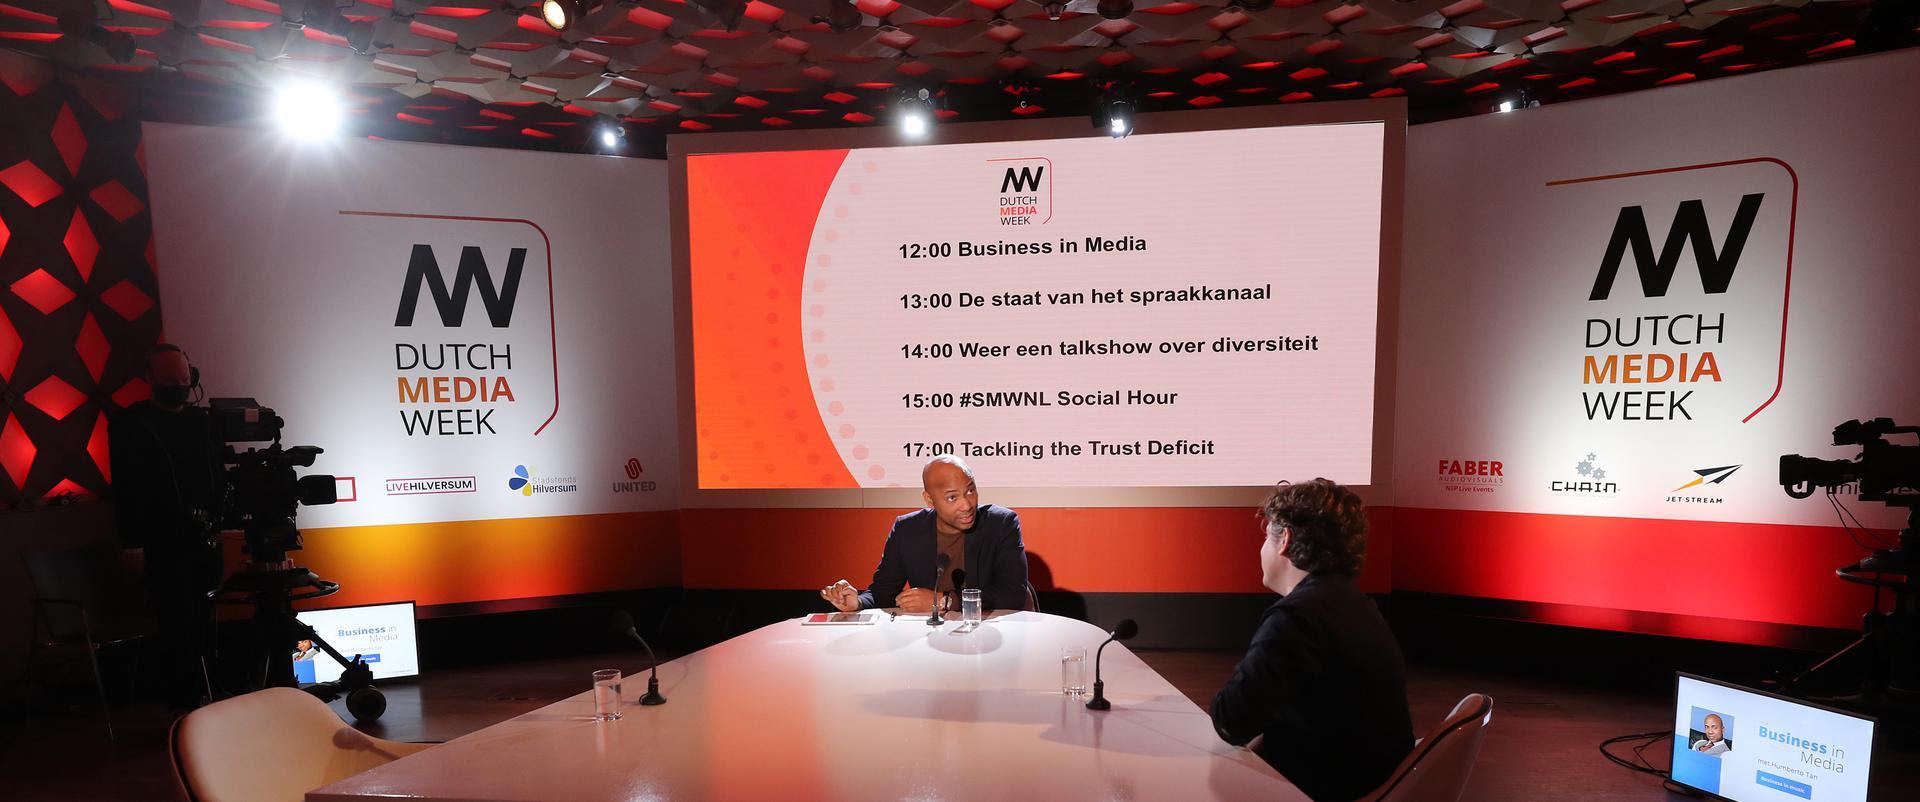 Humberto Tan presenteert iedere dag tussen 12.00-14.00 uur de talkshow Business in Media.jpg